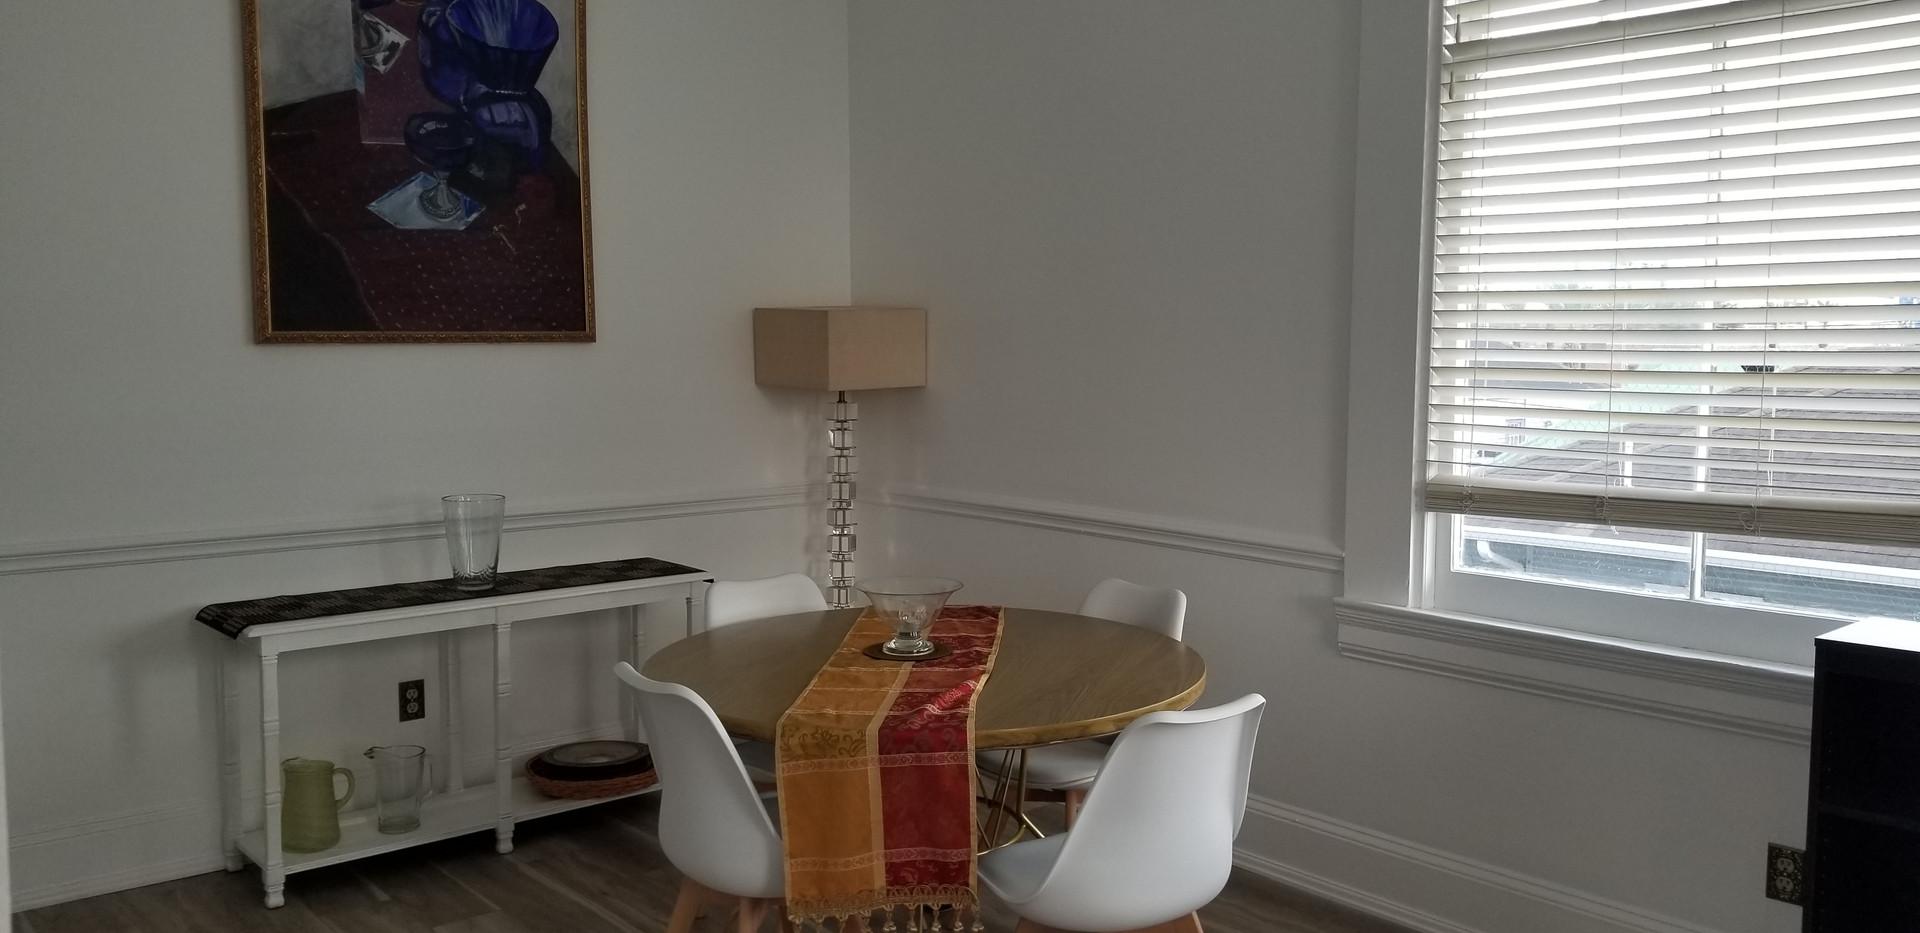 6 B - Dining Room.jpg